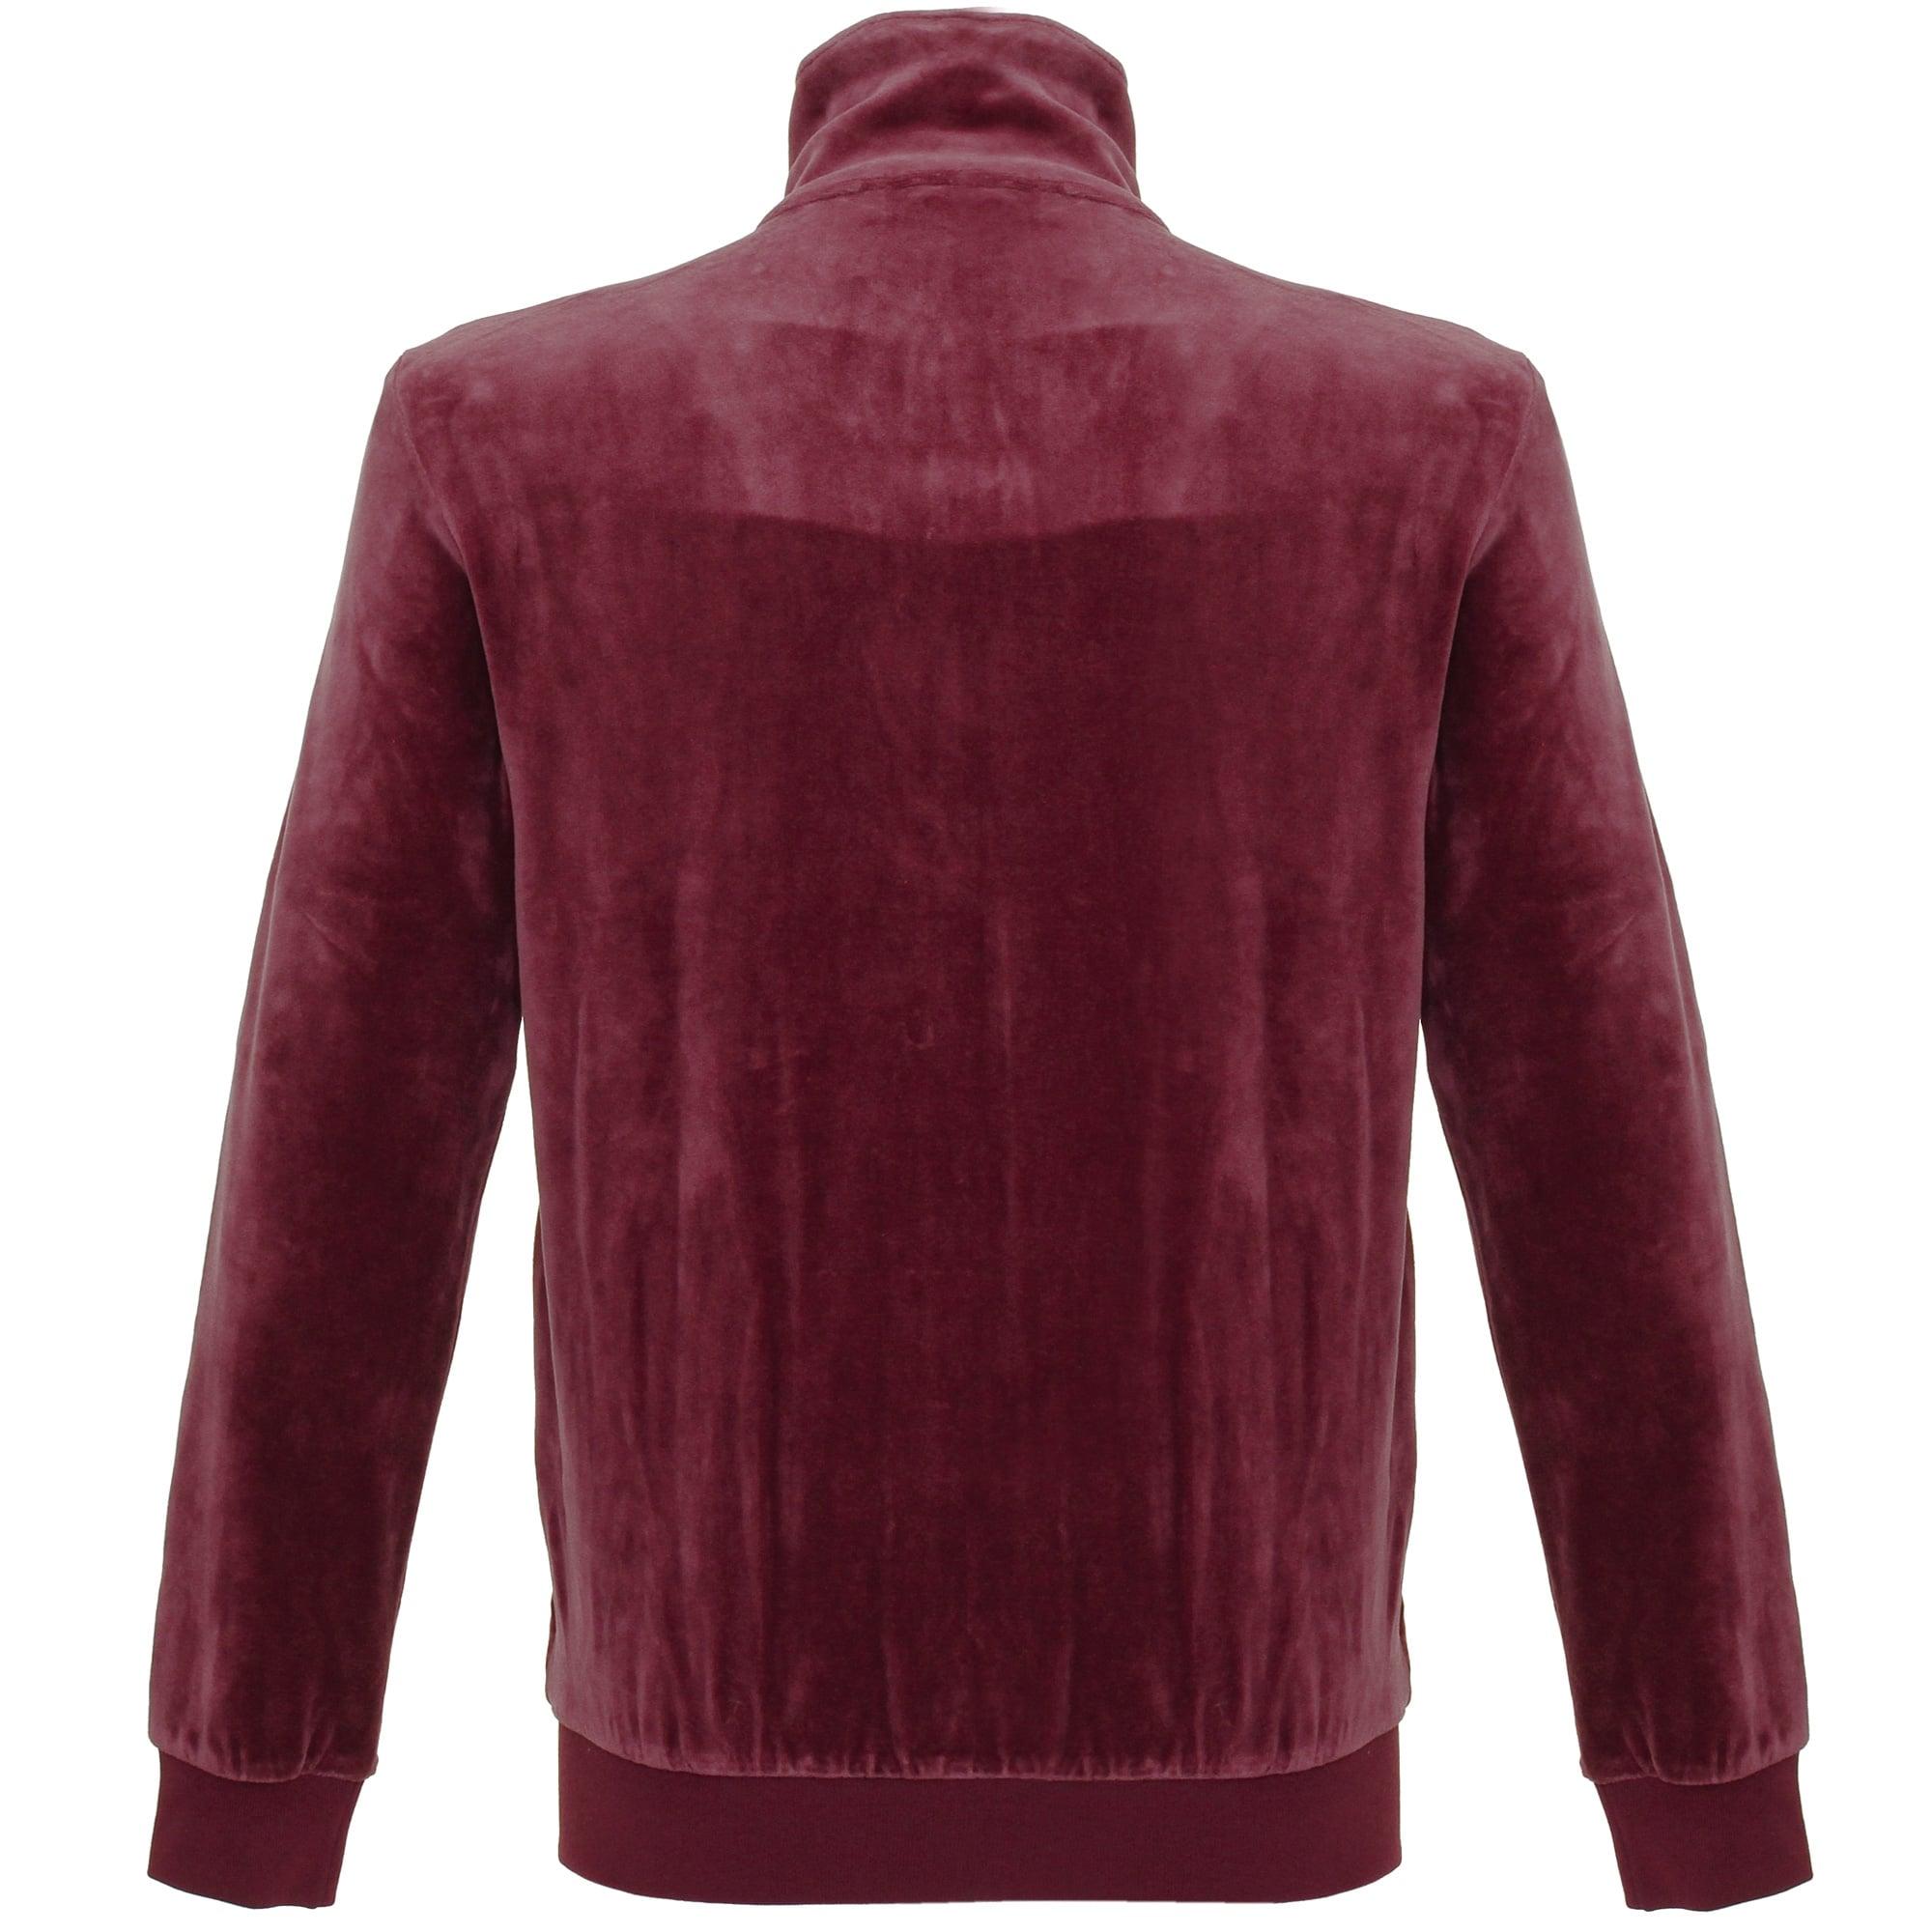 adidas Originals Cotton Beckenbauer Velour Maroon Track Jacket for Men